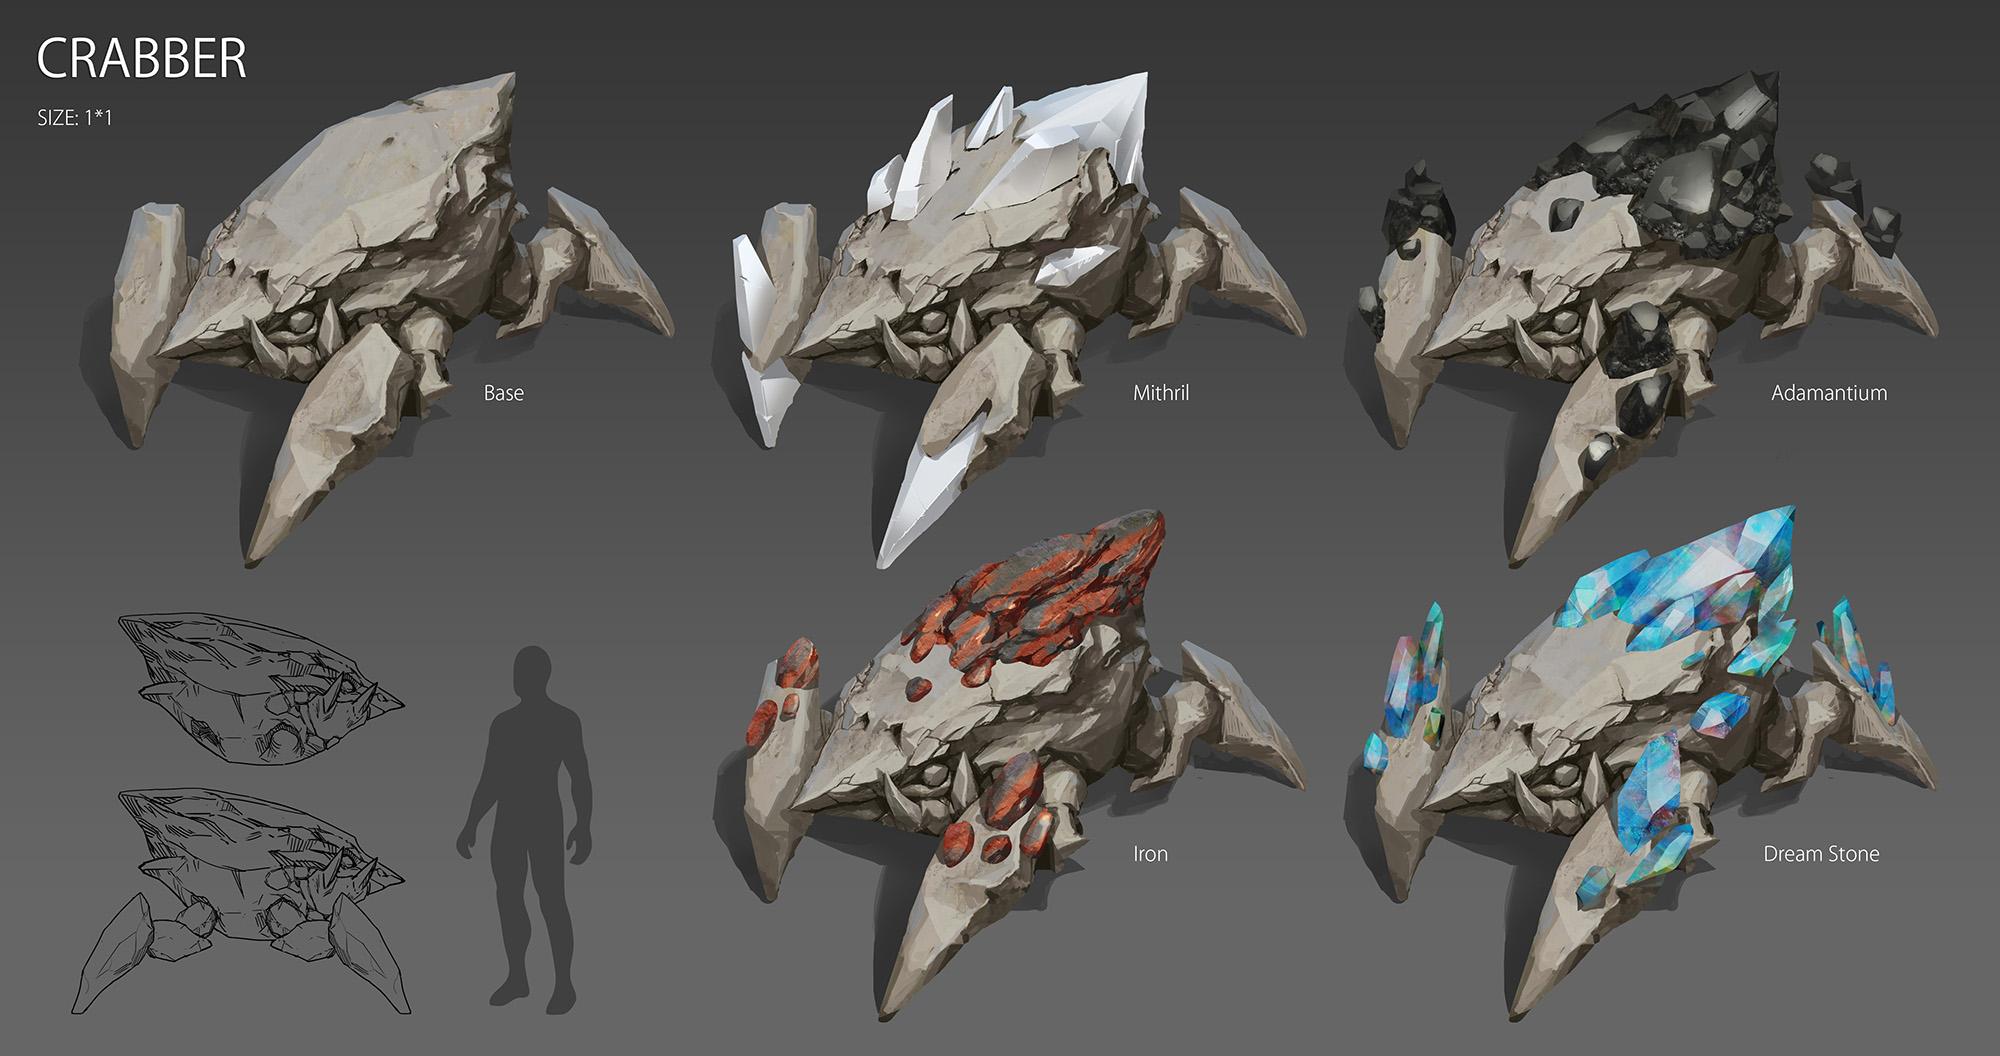 Character_Creatures_Terrestrial_Crabber.jpg